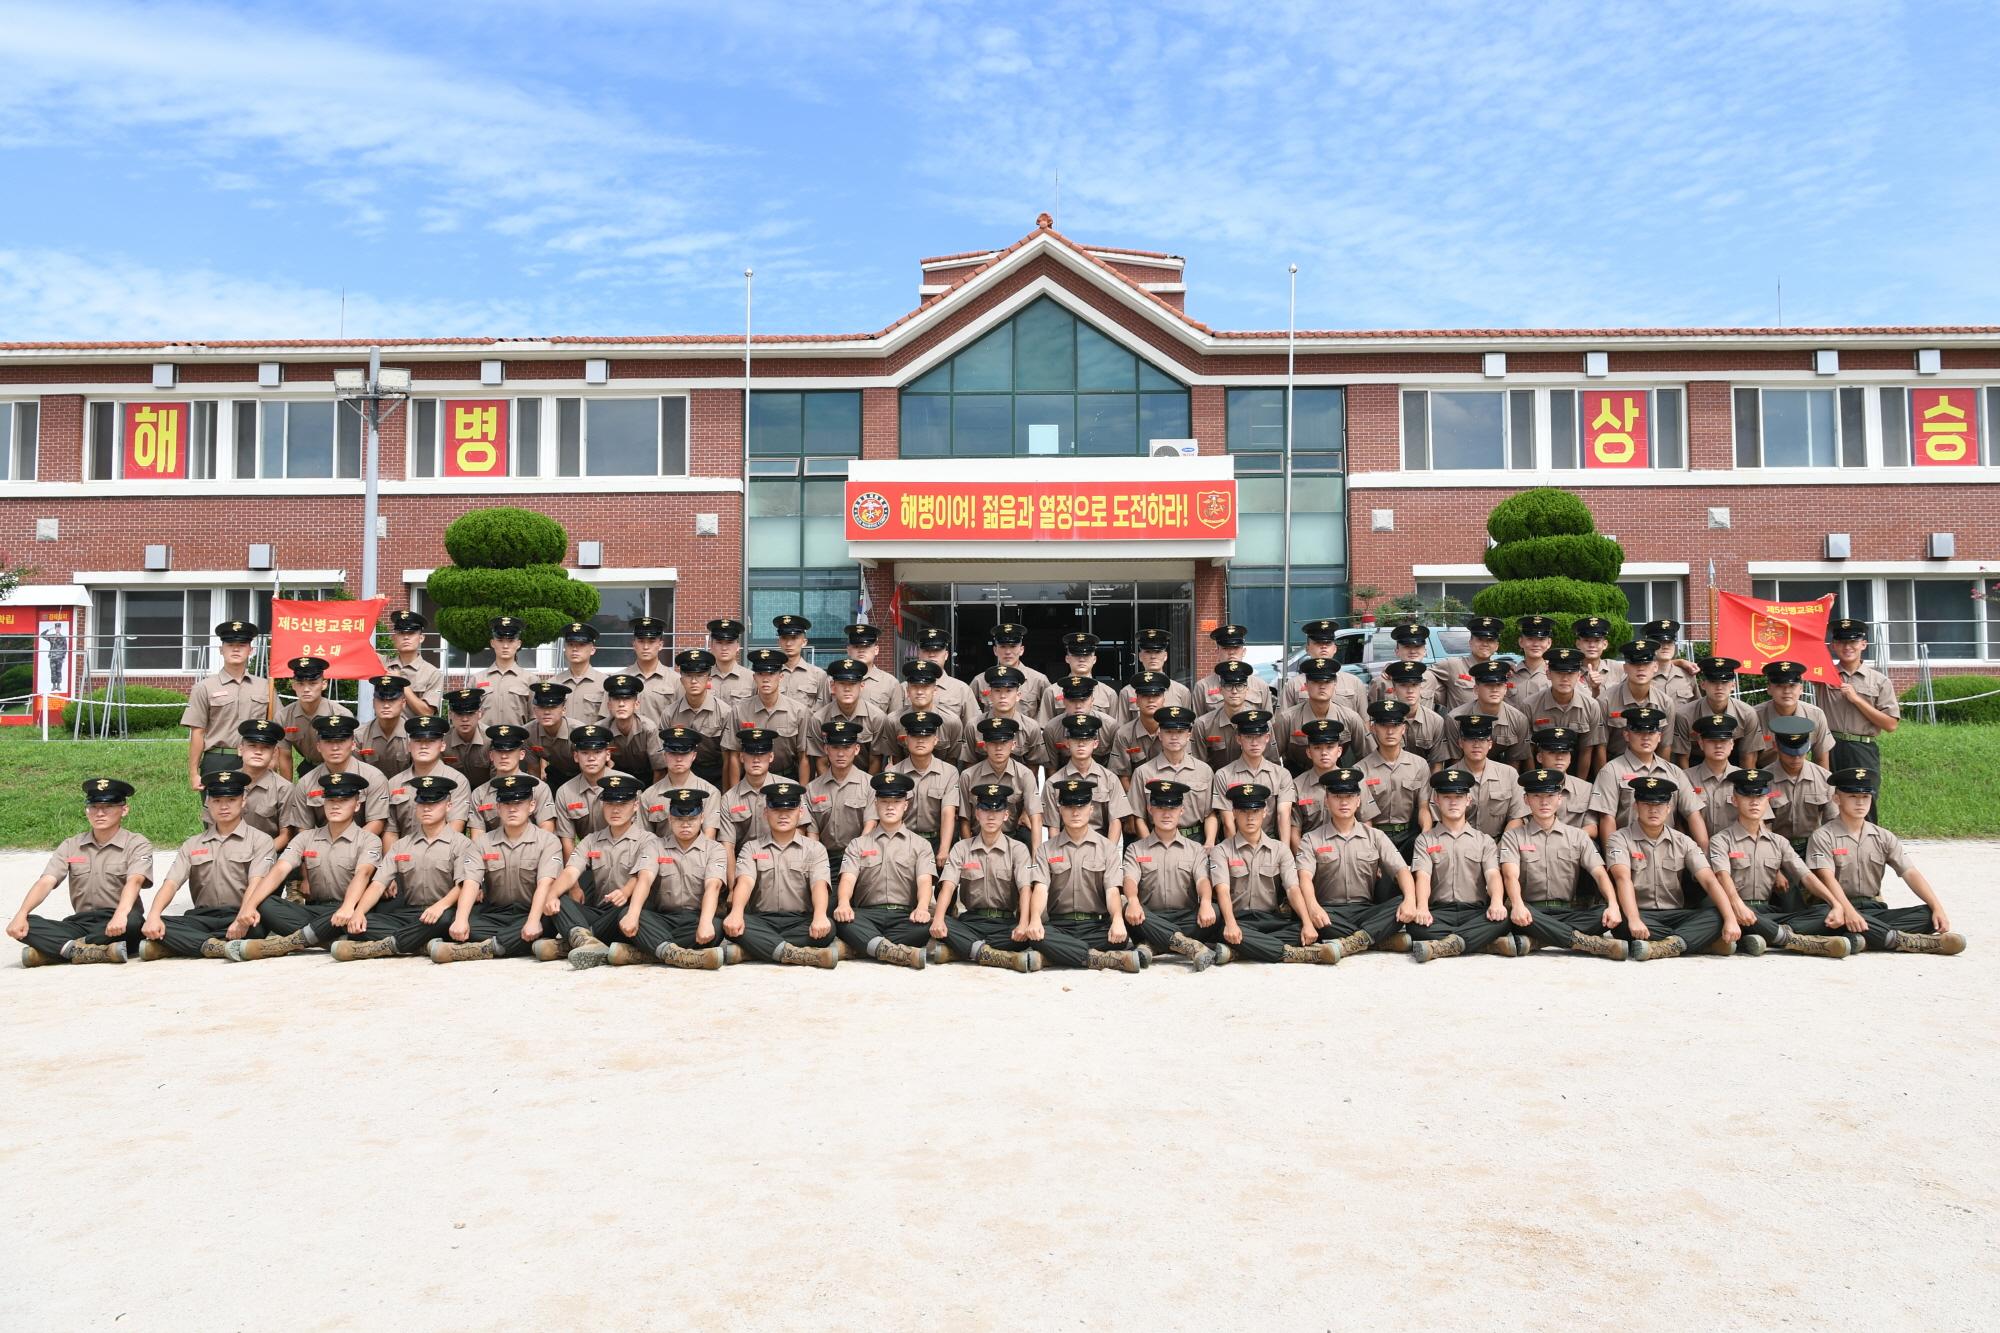 신병 1272기 5교육대 수료식 단체 사진 9.jpg